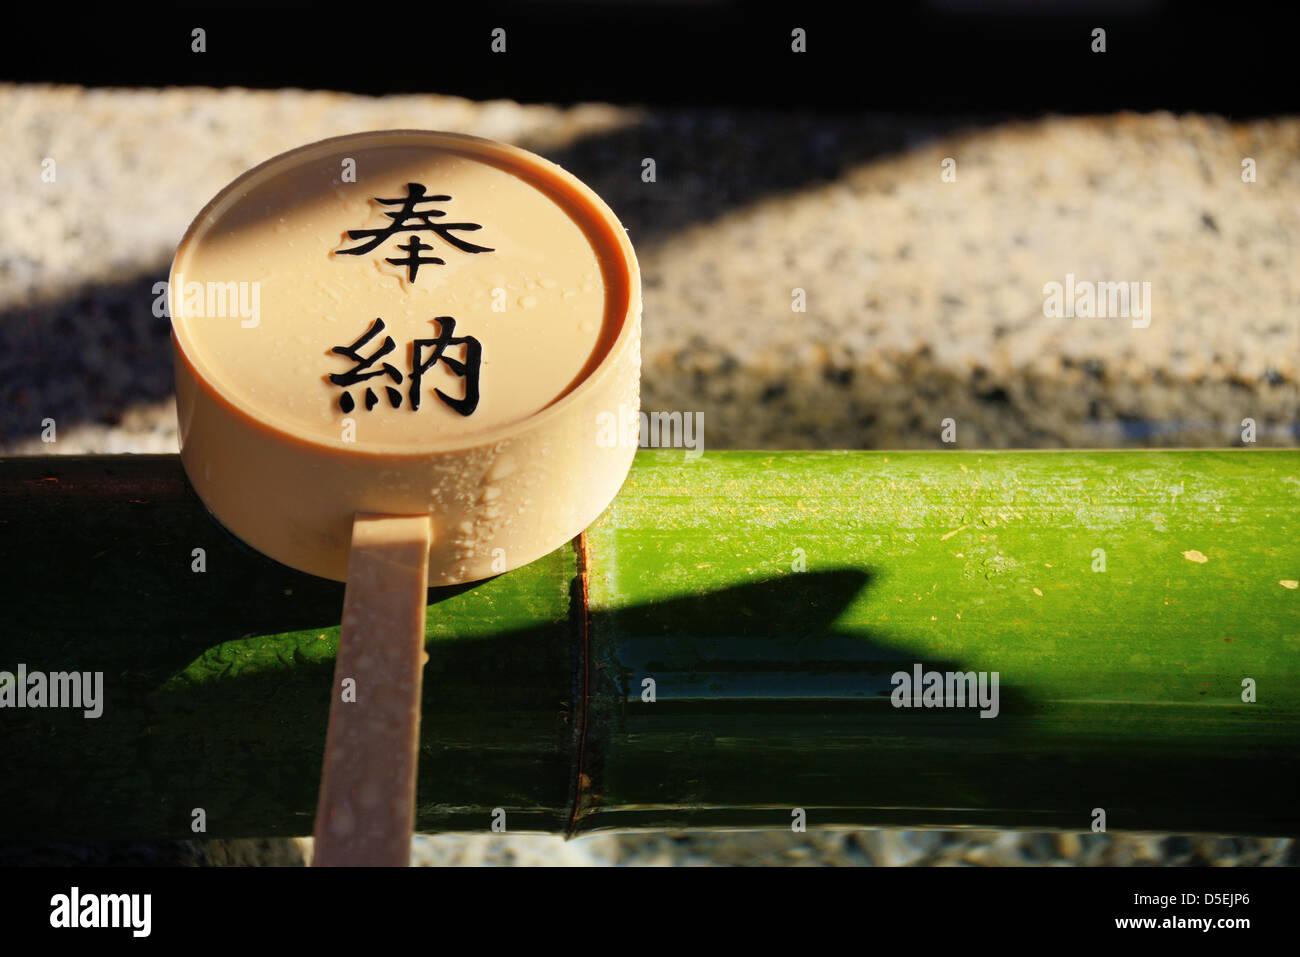 """Situé au sommet d'un scoop tsukubai rituelle au lavage des mains avec du bassin des Kanji japonais """"lecture Photo Stock"""